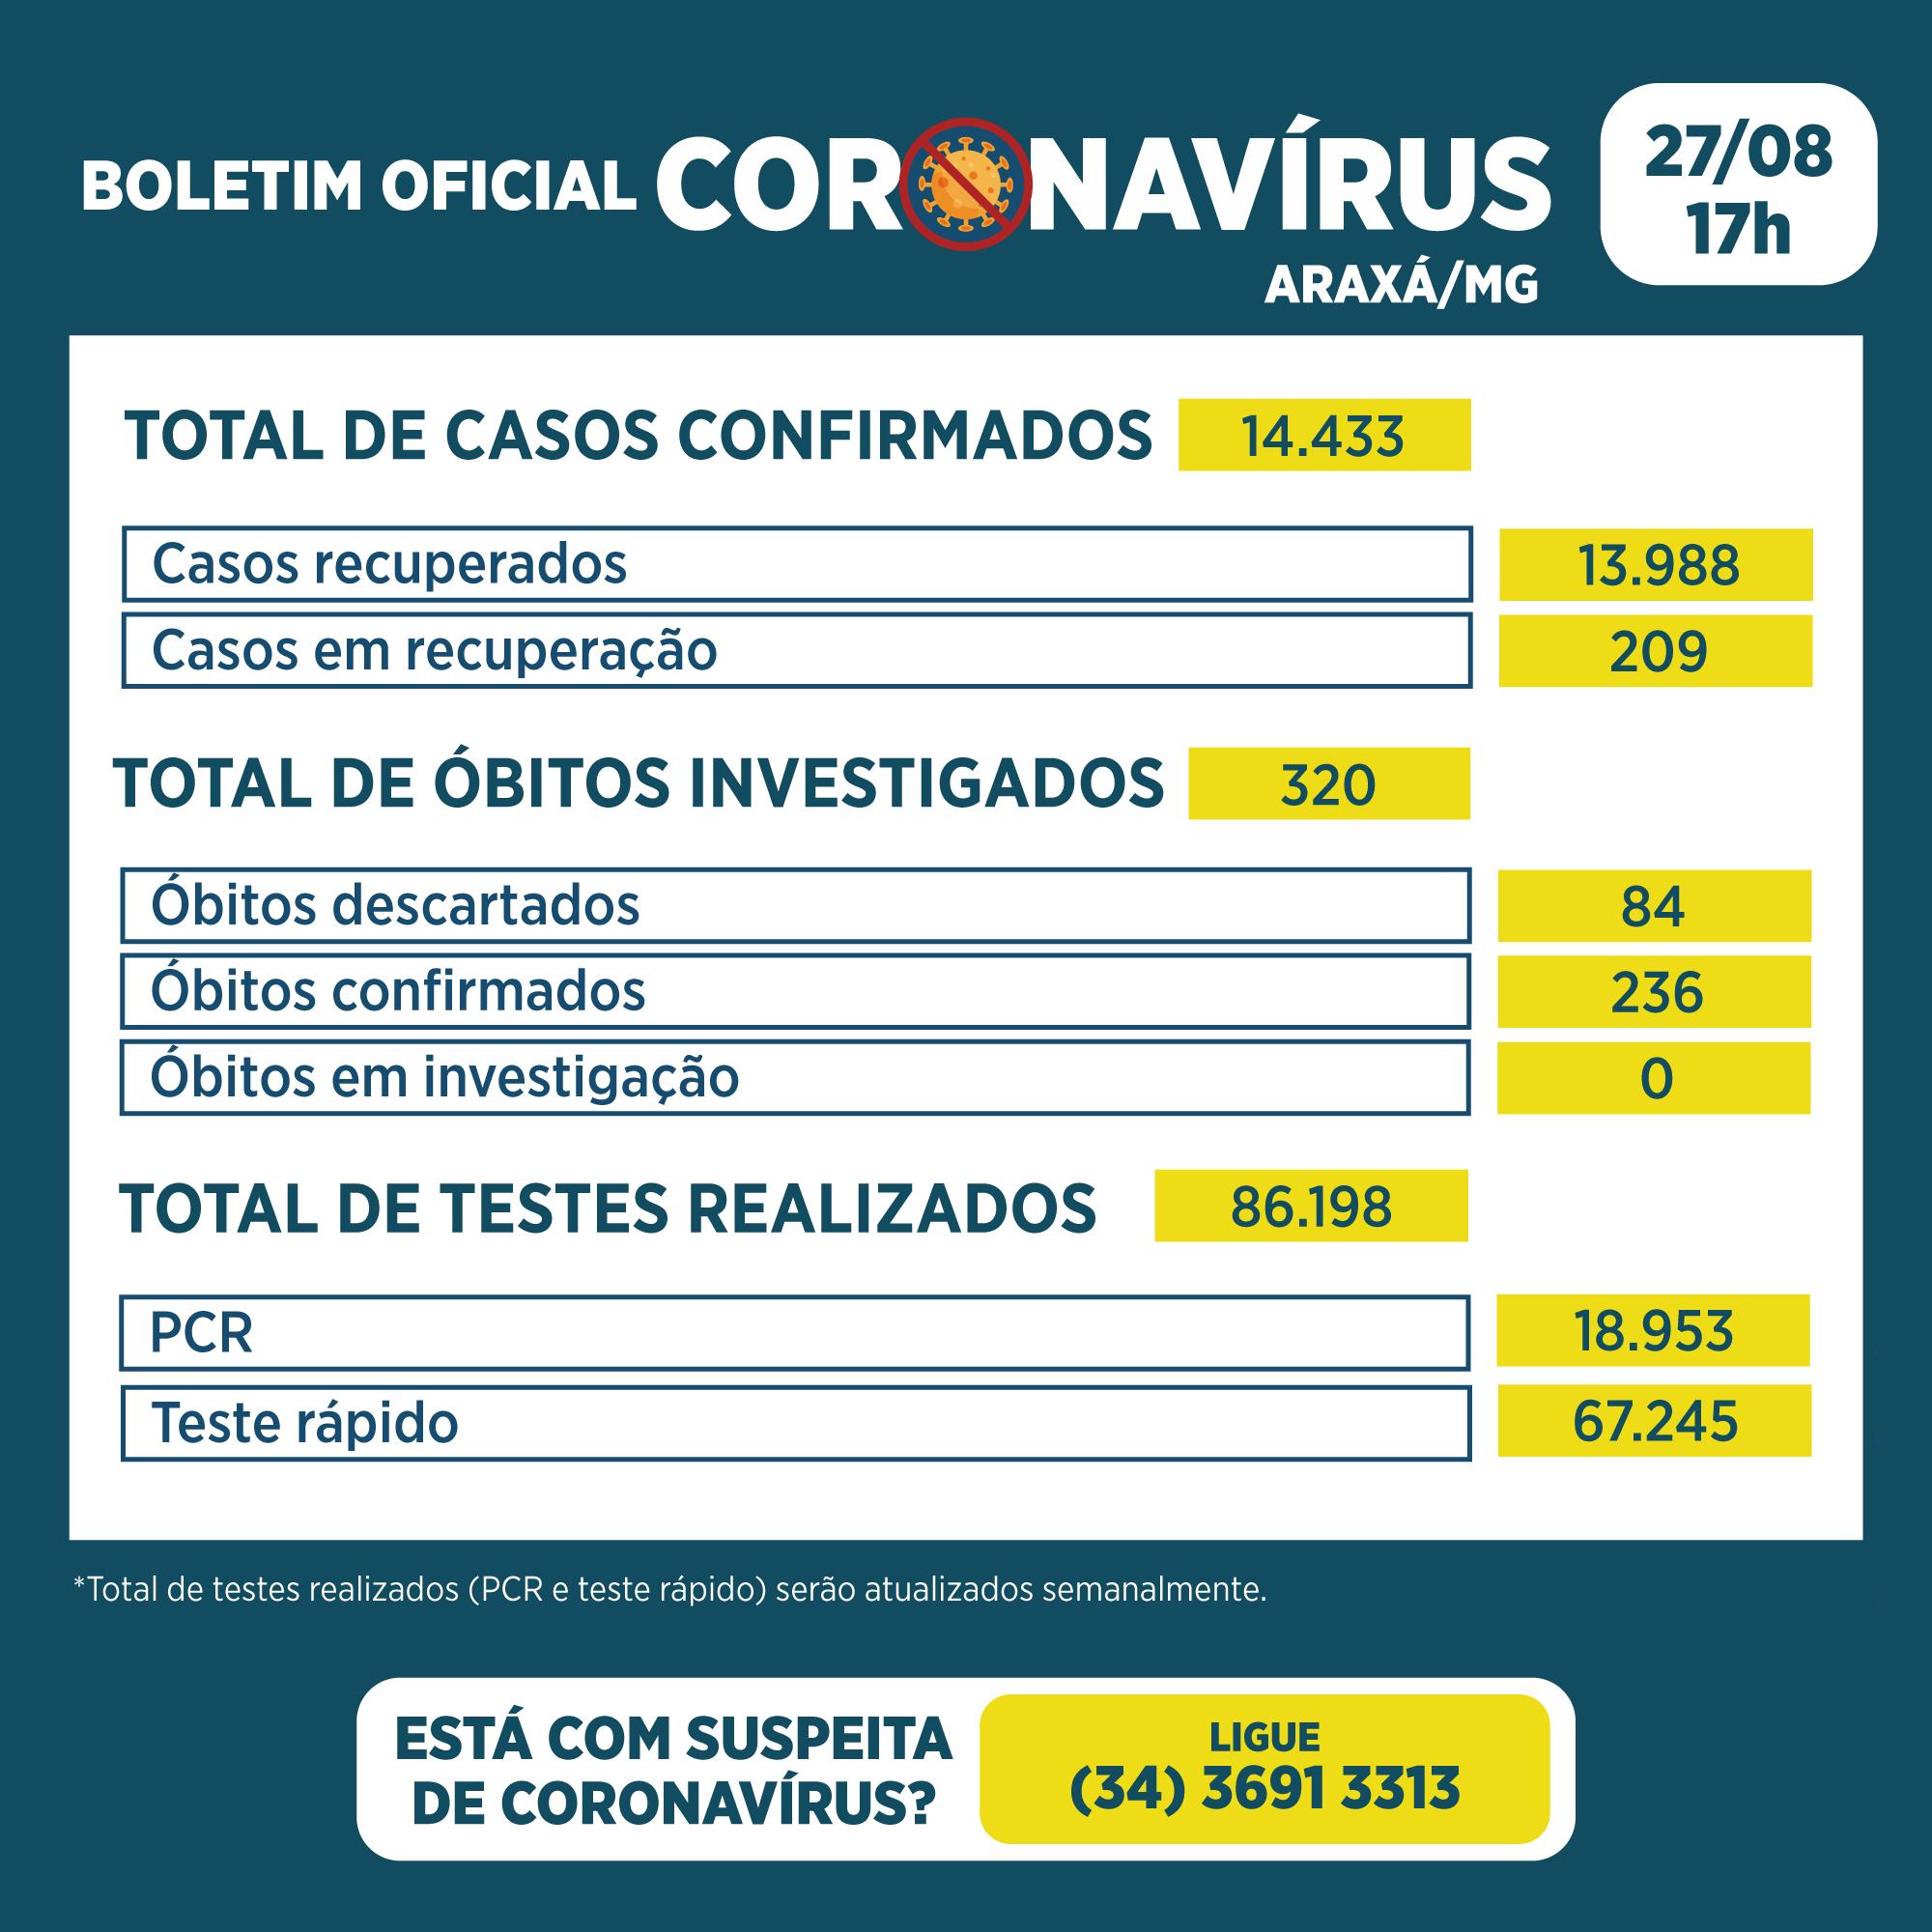 Boletim registra 24 novos casos e 17 recuperados da Covid-19 2